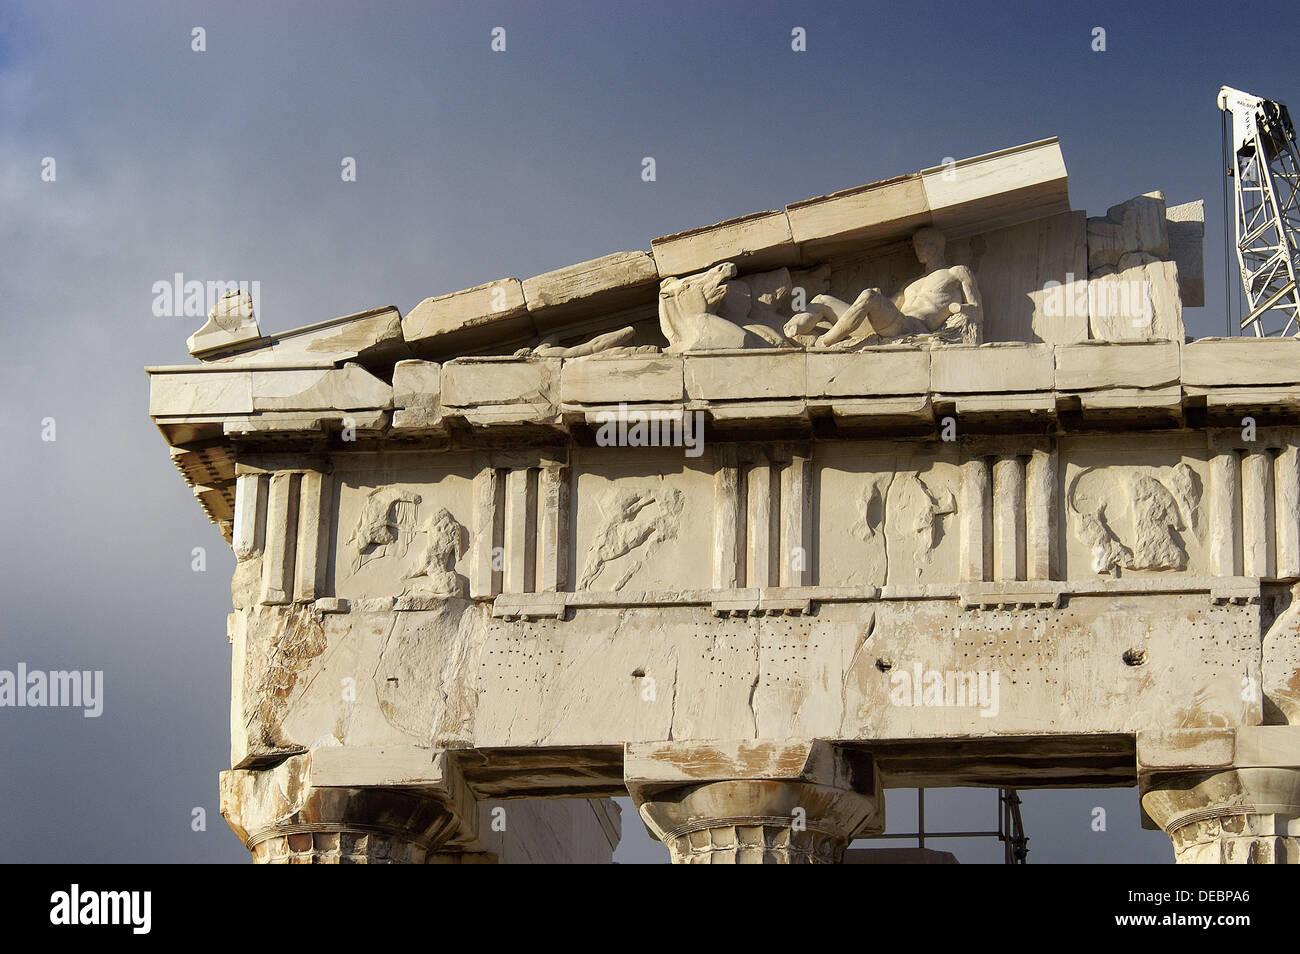 Detail of the entablature. Parthenon. Acropolis. Athens. Greece - Stock Image